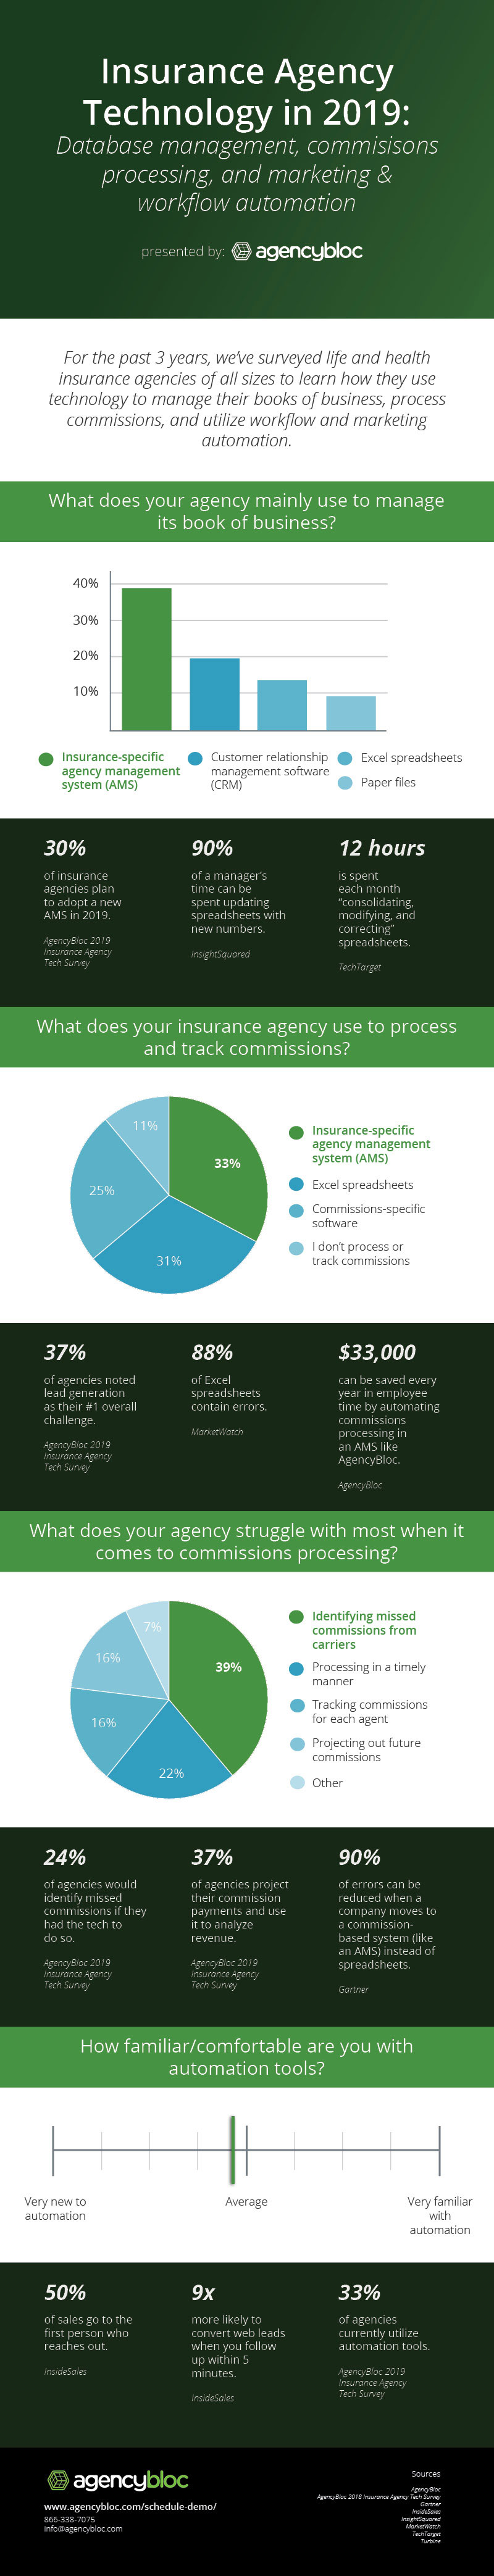 2019 AgencyBloc Insurance Technology Survey